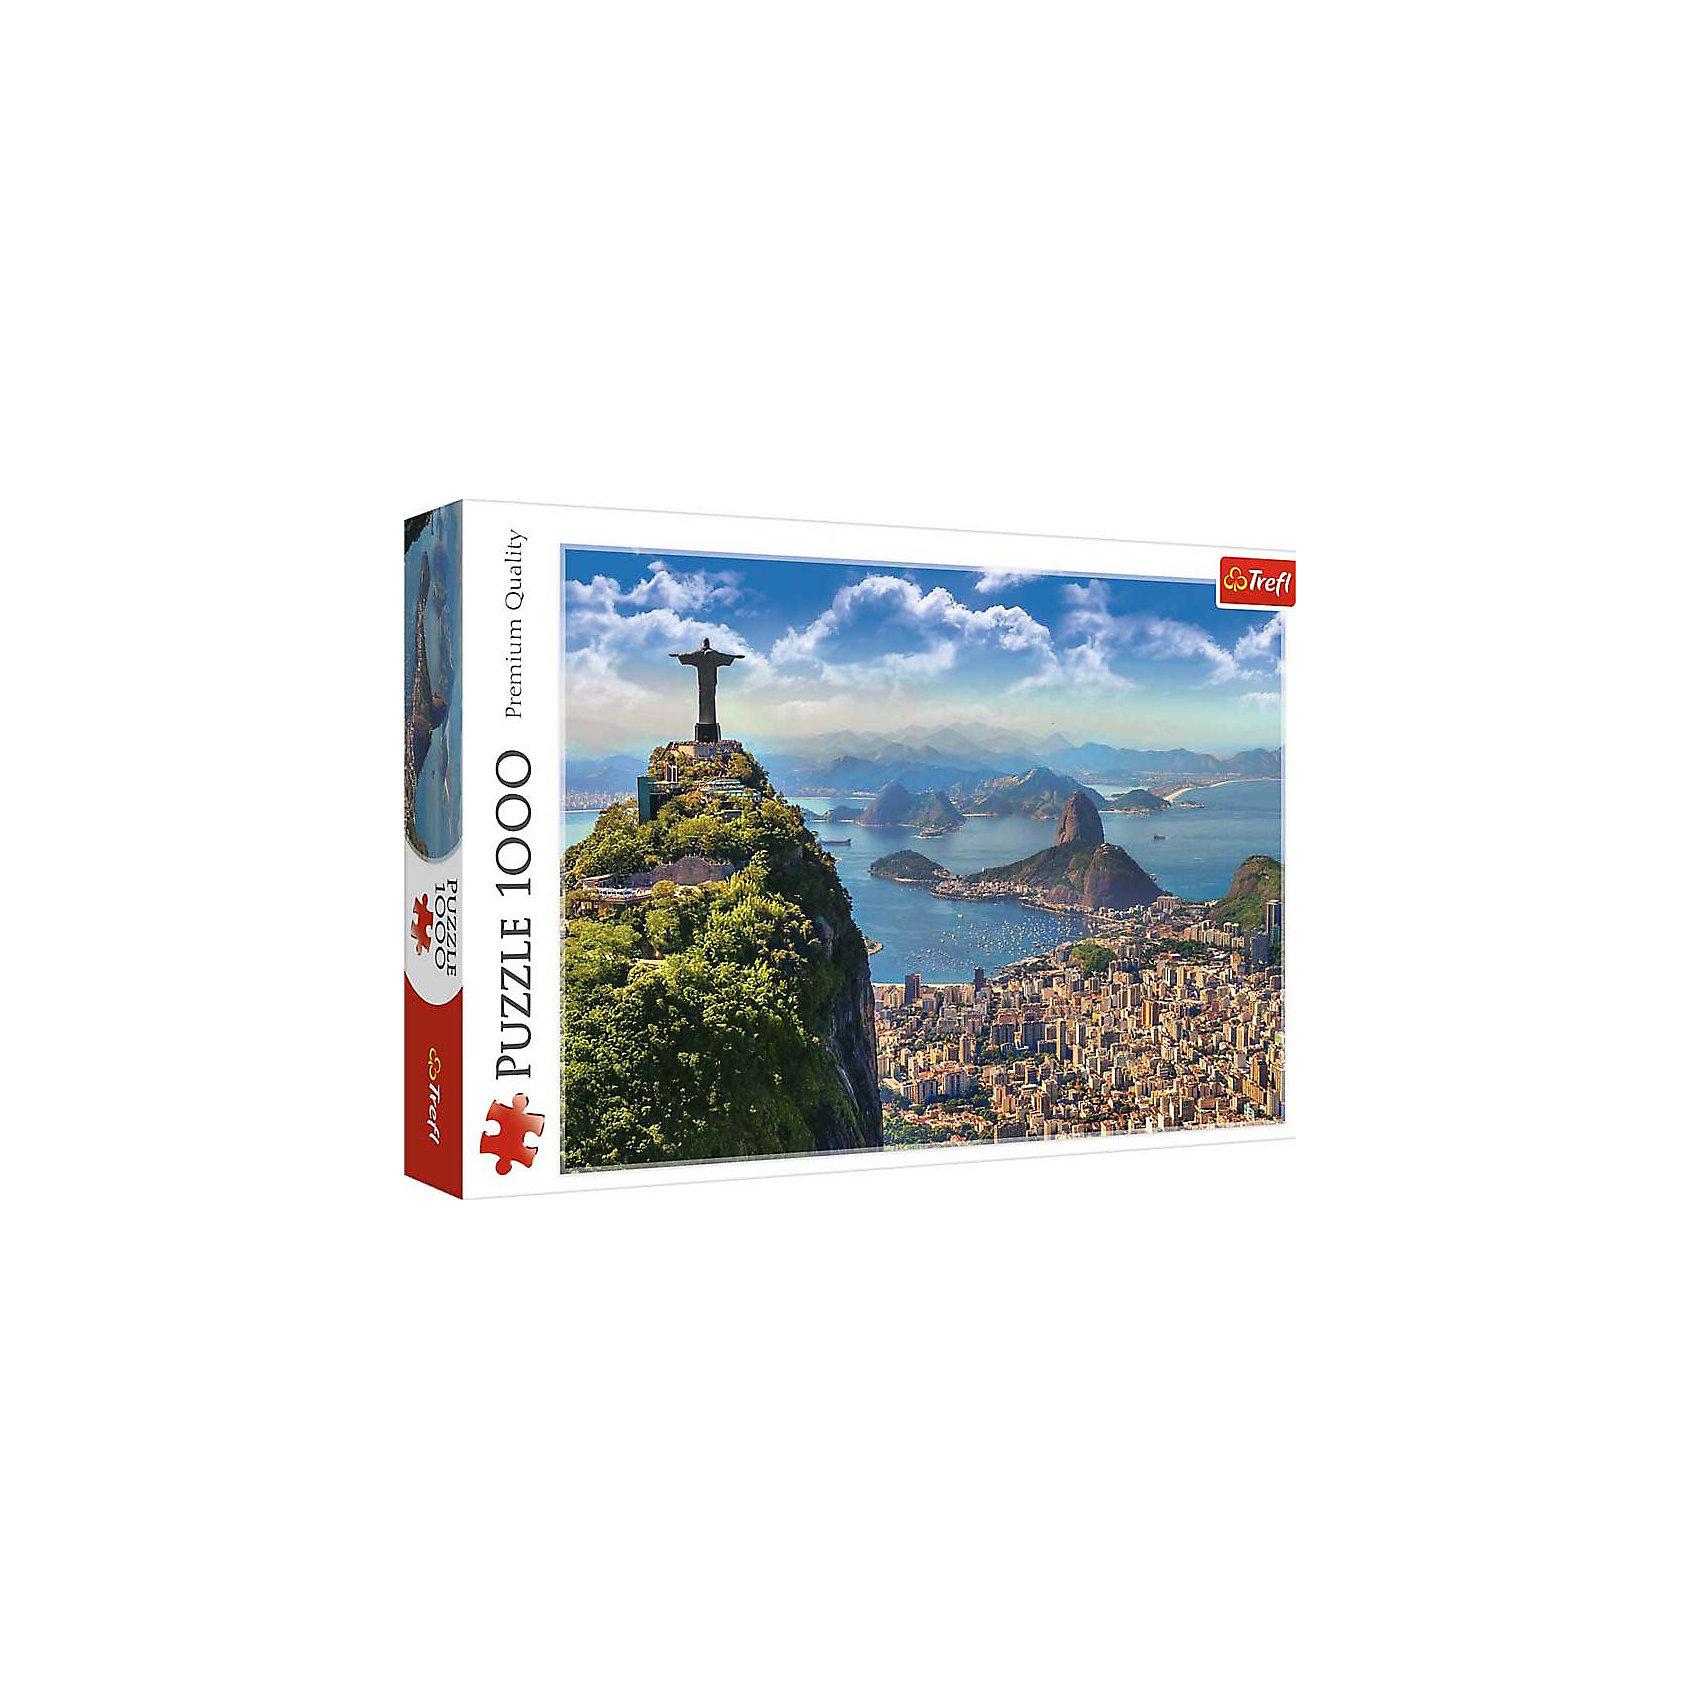 Пазлы Trefl Рио-де-Жанейро, 1000 деталейПазлы для детей постарше<br>Очутитесь в Бразилии вместе с пазлом Рио-де-Жанейро от знаменитого бренда Trefl! Очень красочная и насыщенная картинка, на которой изображен главный символ Бразилии - Статуя Христа-Искупителя, которая стоит на горе. Внизу расположен город Рио-де-Жанейро, с его красивейшим пляжем и многочисленными домами. Собрав эту картинку, можно будет украсить ей стену как дома, так и на даче. Если вы задумались о подарке друзьям, то пазл Рио-де-Жанейро это просто отличный вариант! Ведь собирать пазлы можно как одному, так и в компании друзей. Детали изготовлены из очень качественного картона с антибликовым покрытием. <br>Изображение включает в себя 1000 элементов. <br>Рекомендуемый возраст: от 12 лет.<br><br>Ширина мм: 400<br>Глубина мм: 270<br>Высота мм: 60<br>Вес г: 850<br>Возраст от месяцев: 36<br>Возраст до месяцев: 120<br>Пол: Унисекс<br>Возраст: Детский<br>SKU: 7126316